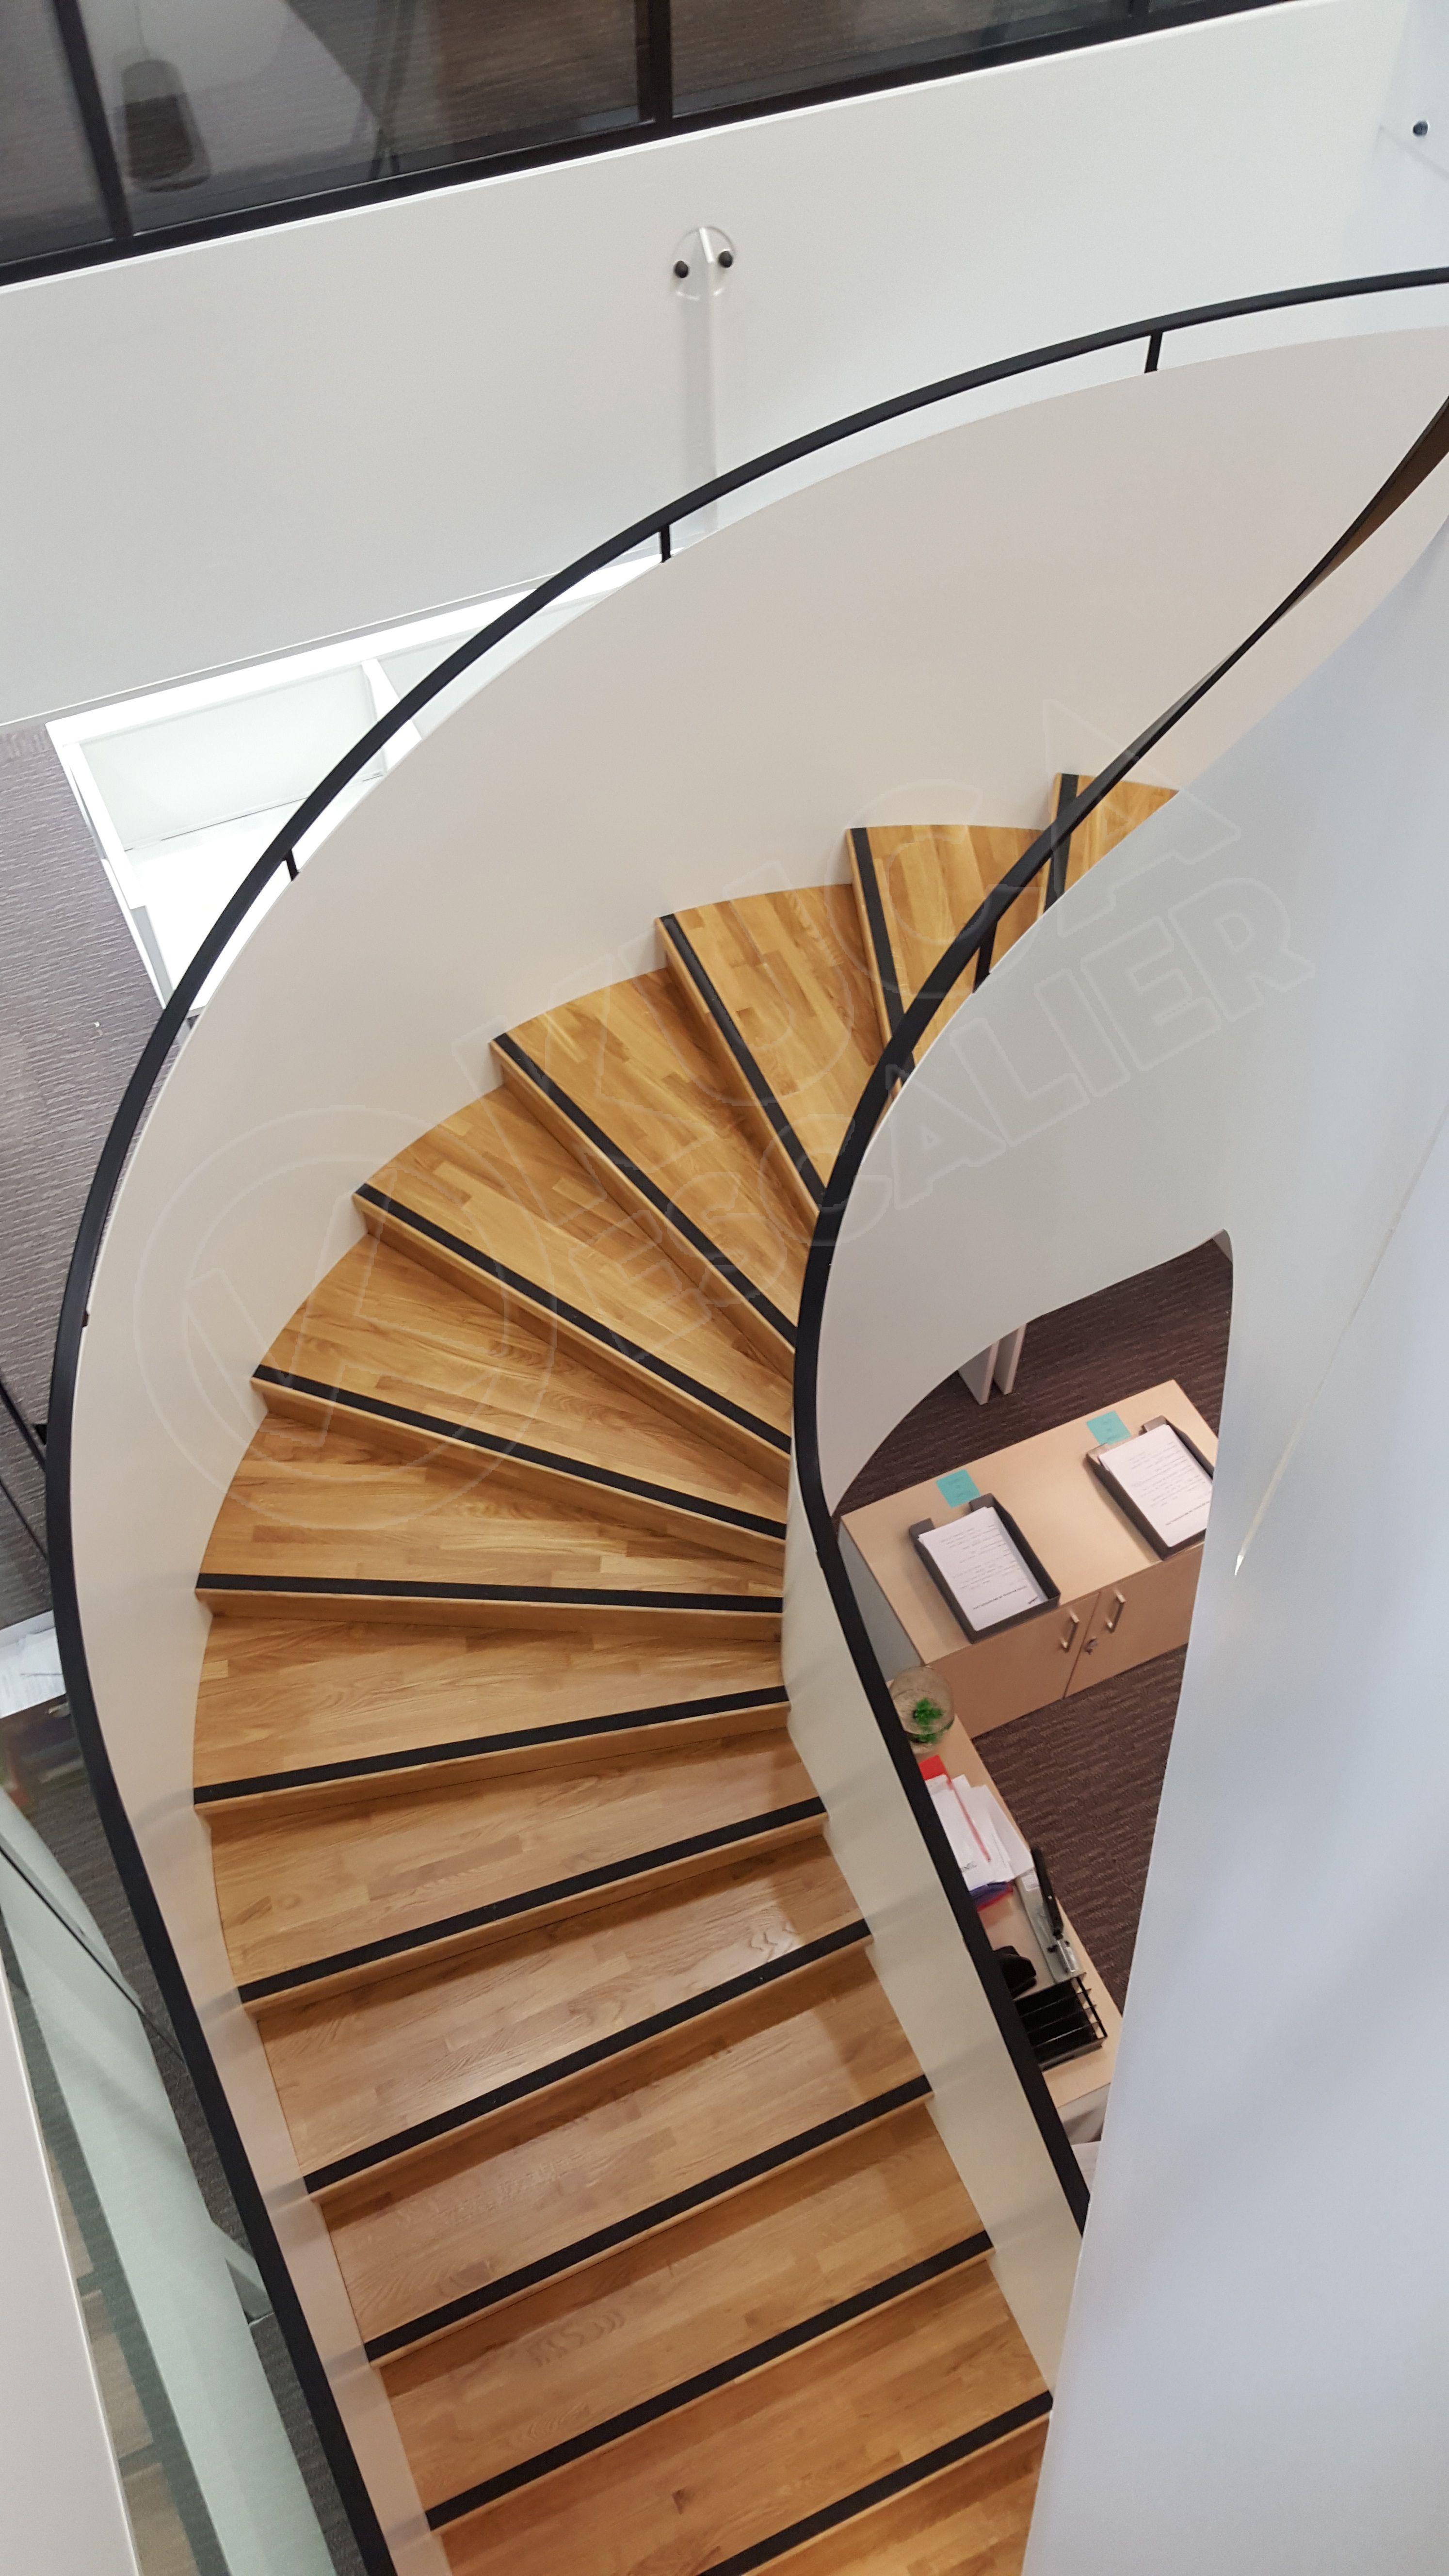 escalier balanc en acier avec marche et contre marche bois escalier norme erp kuca c u. Black Bedroom Furniture Sets. Home Design Ideas